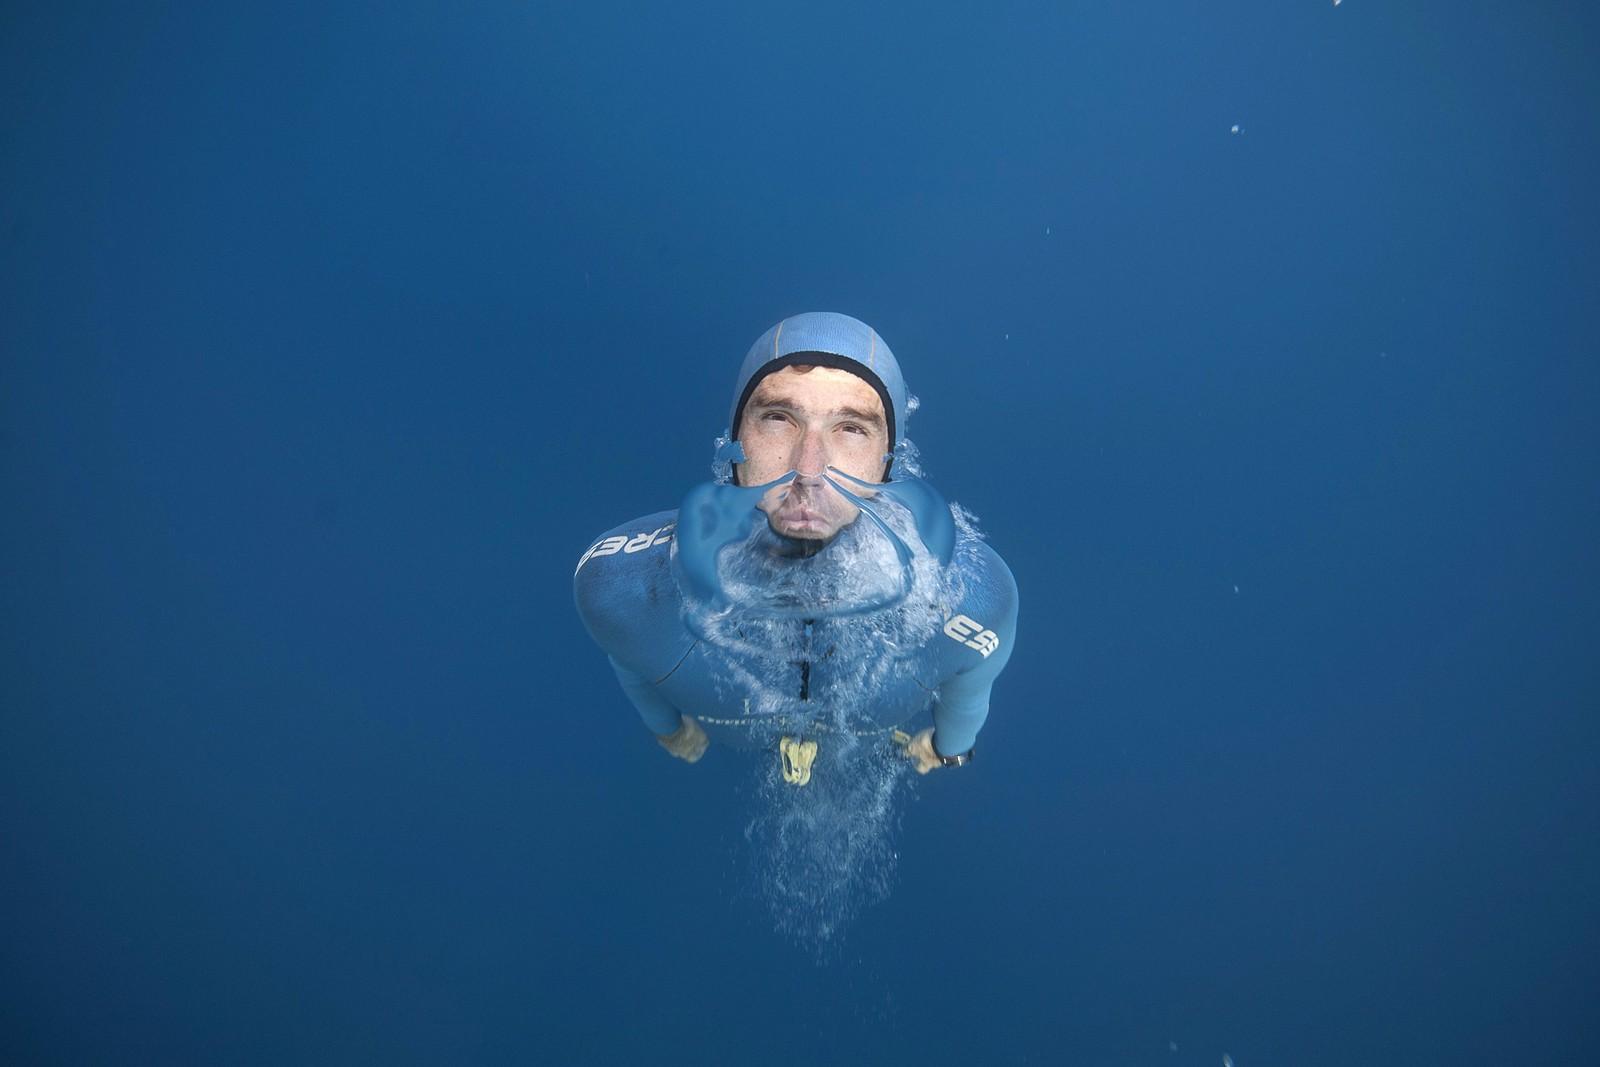 Den franske fridykkeren Guillaume Nery øver på å holde pusten under trening i havet utenfor Nice i Frankrike. Målet er en topplassering under VM i fridykking på Kypros i september.